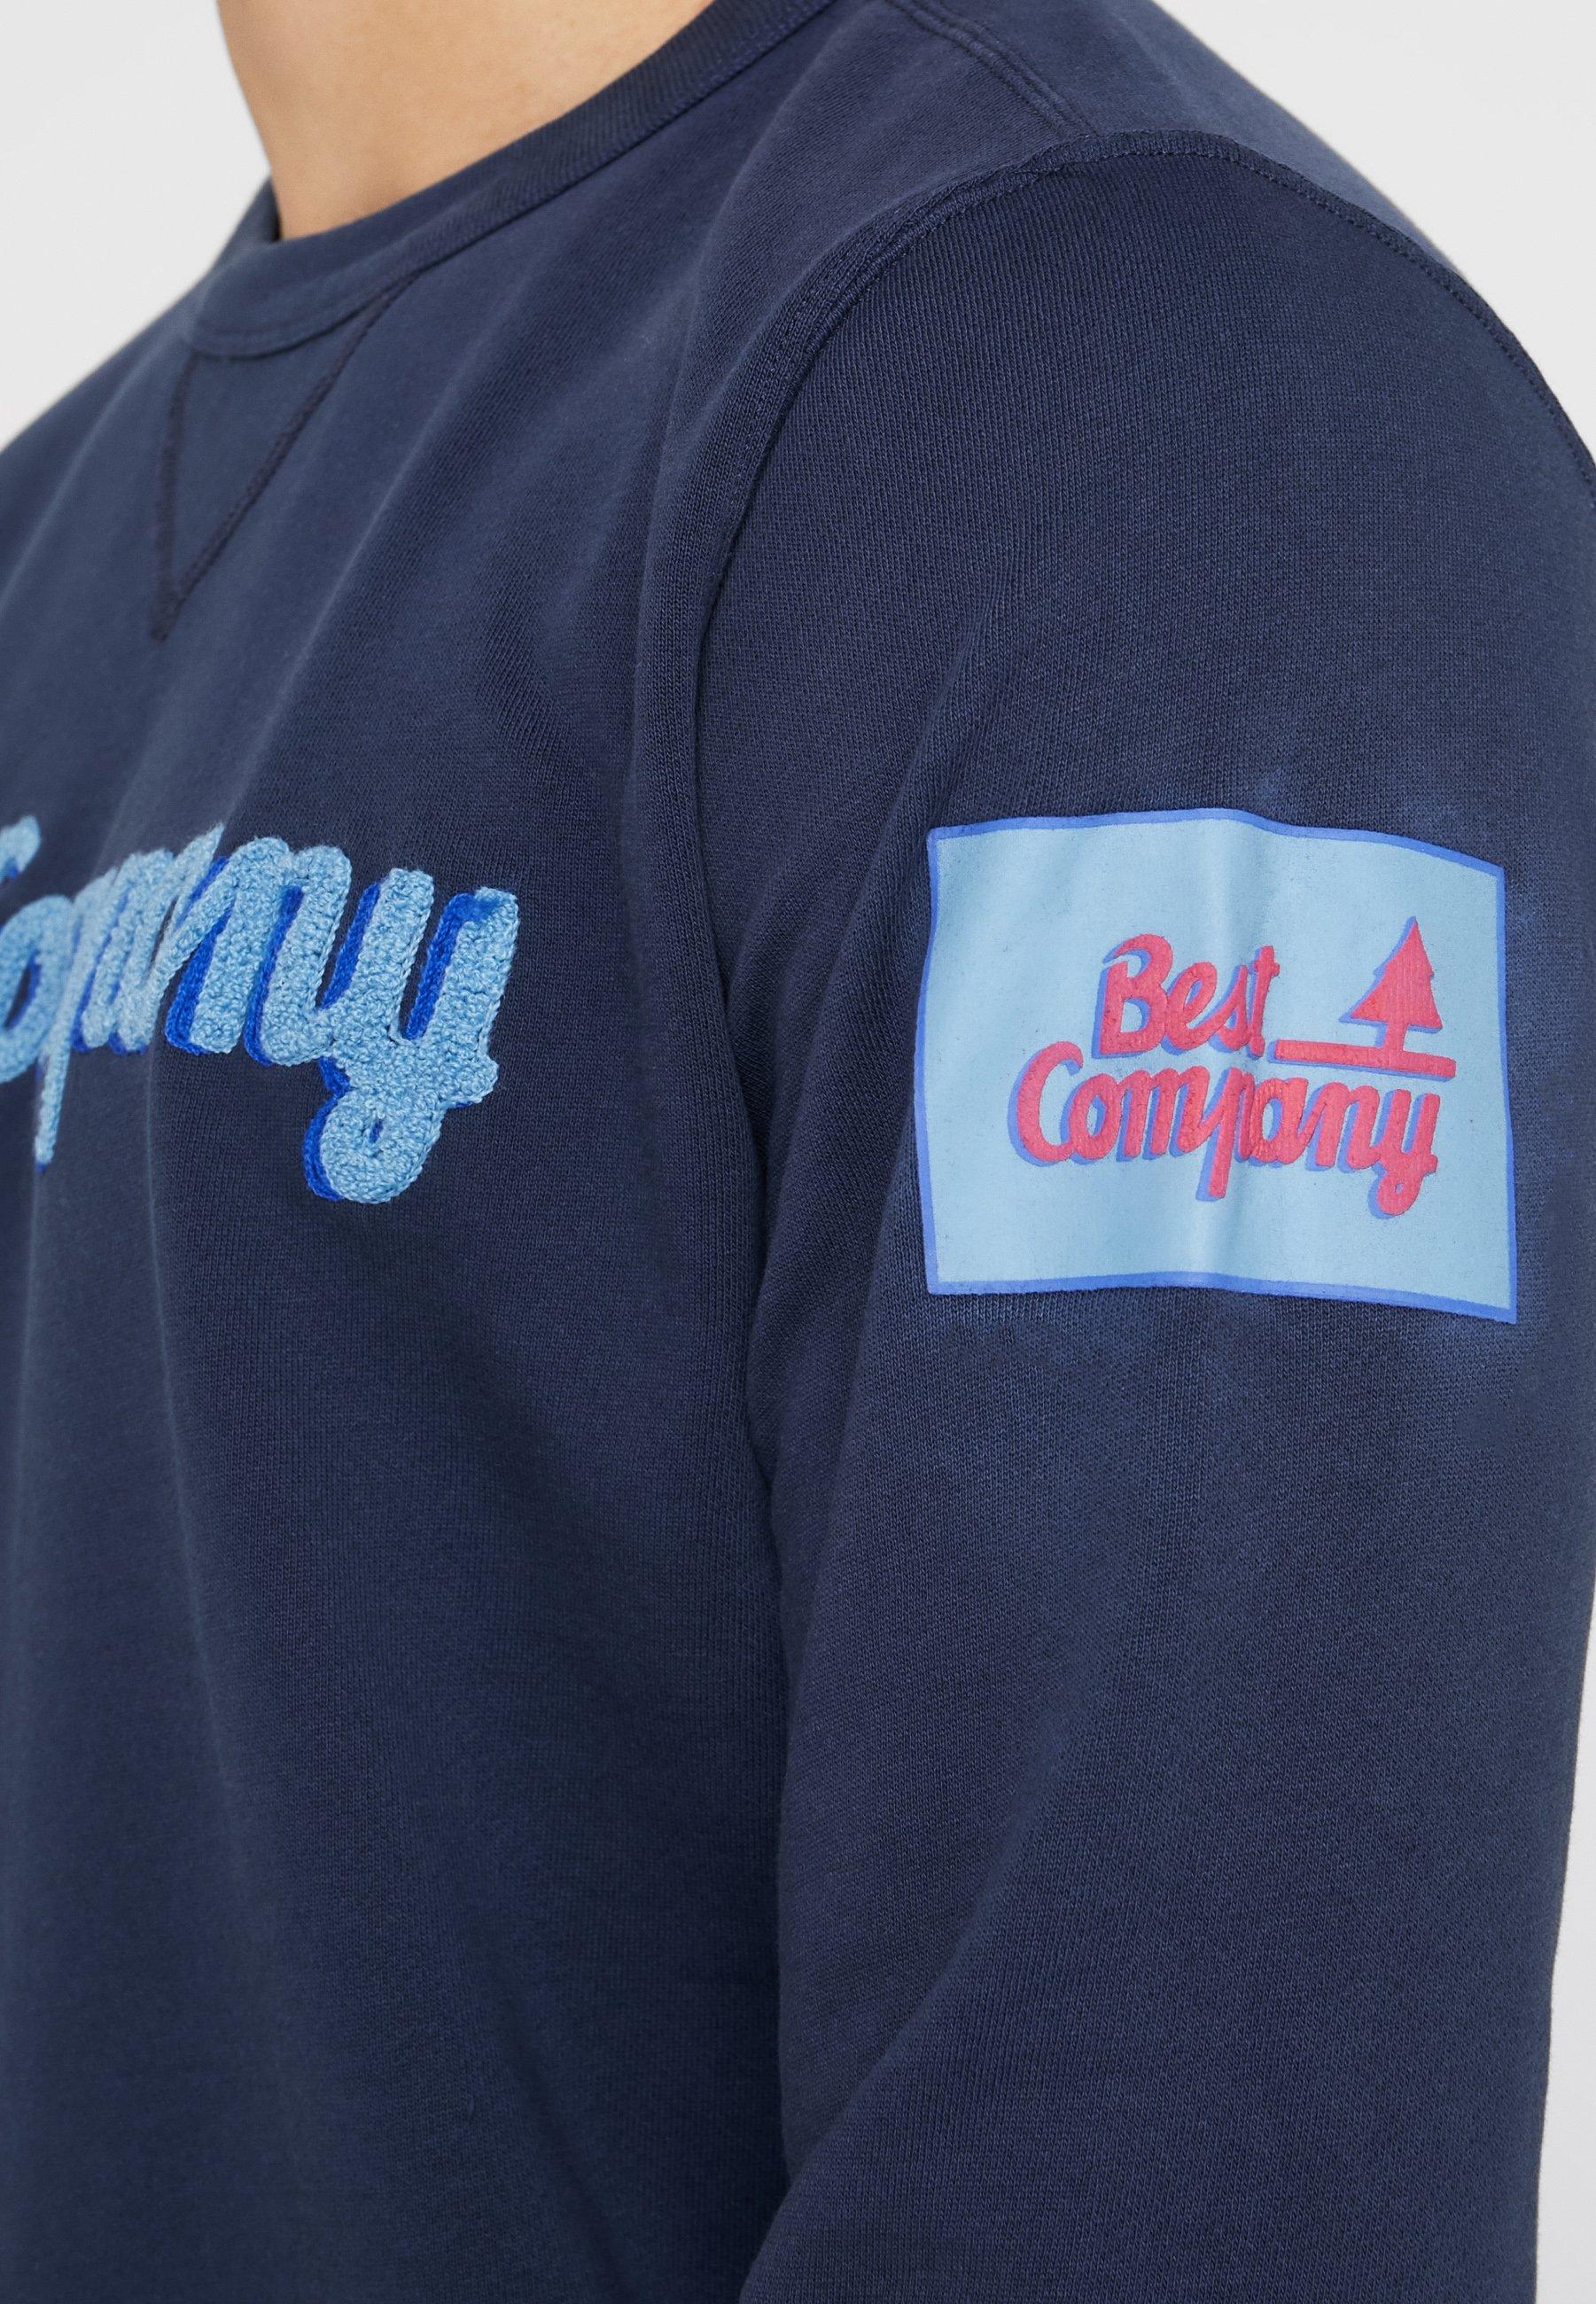 Navy Company Company Navy Best ClassicFelpa Best Company Best ClassicFelpa ARj3q54cL